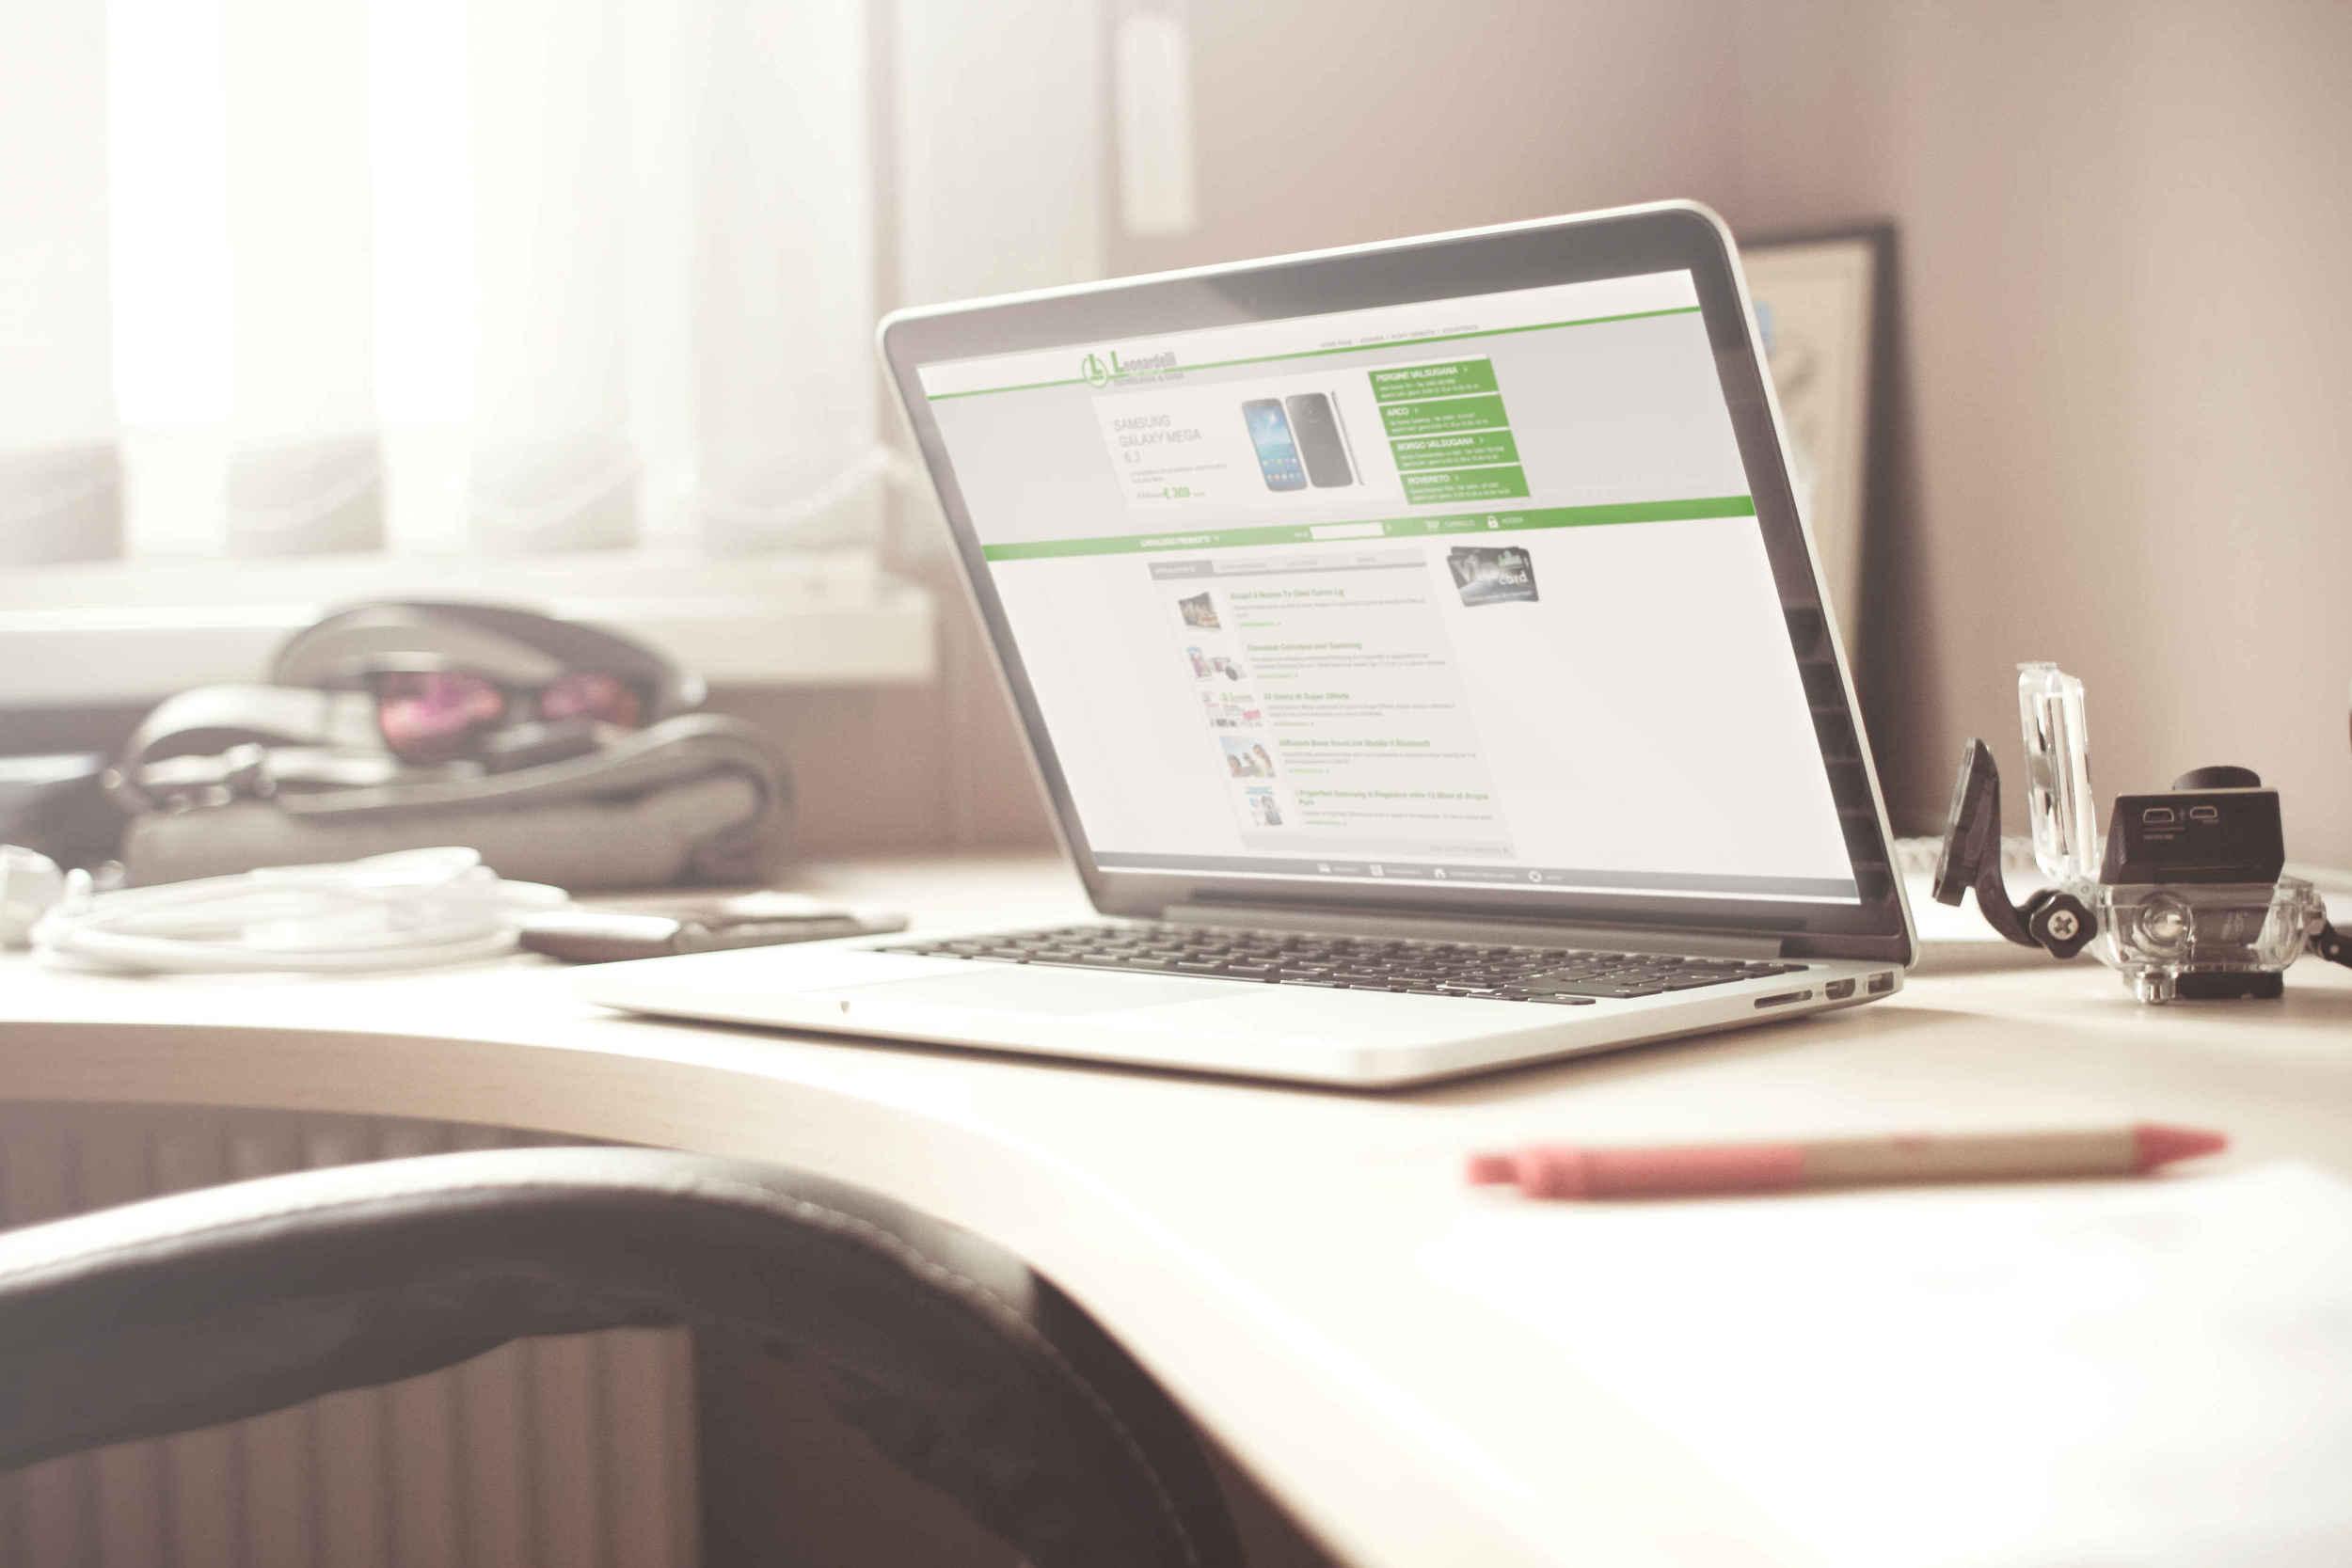 Leonardelli  Shop Online; Il progetto per l'e-Commerce